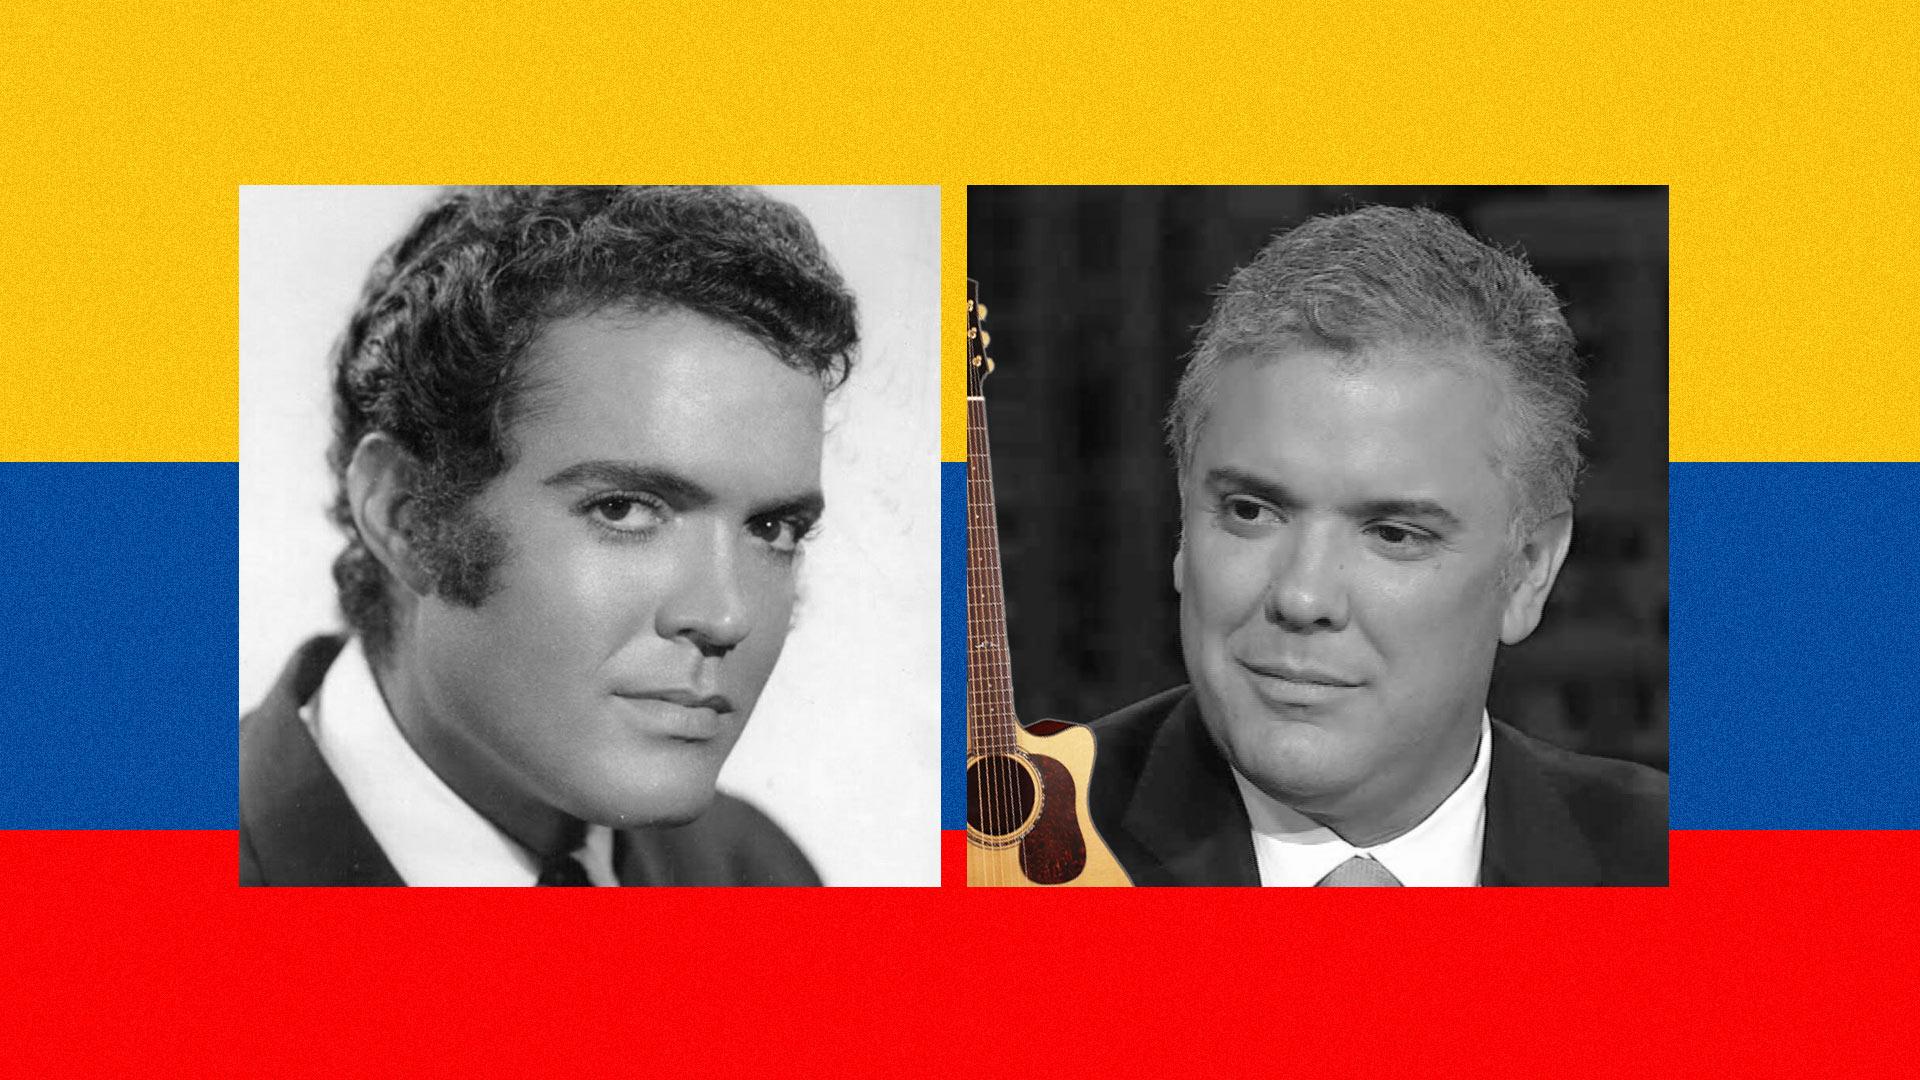 ¿Quién era Pedrito Rico, el cantante español igualito a Iván Duque?